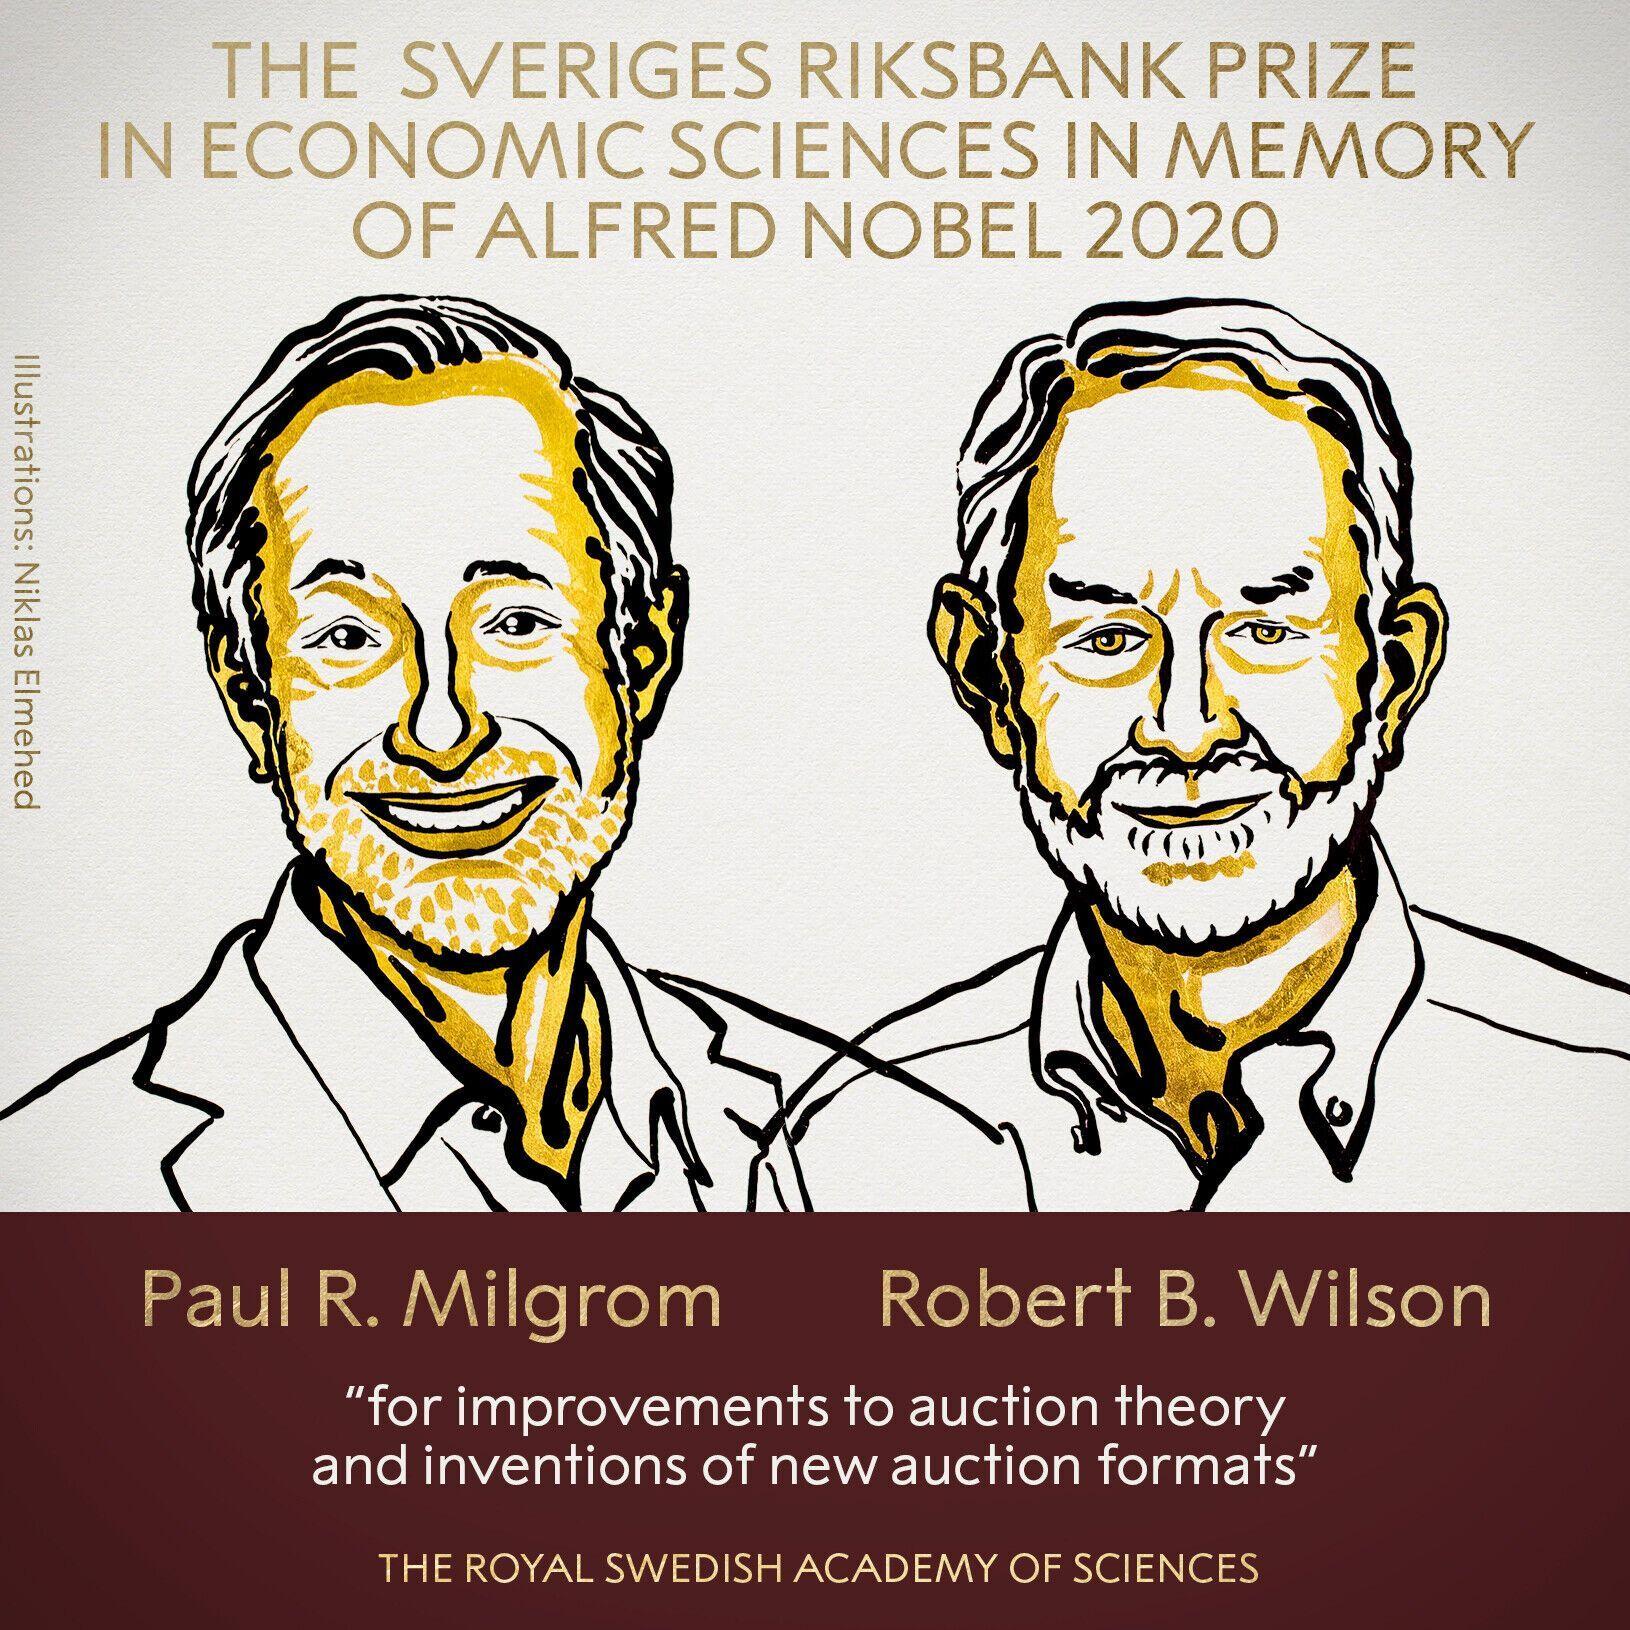 Нобелевская премия по экономике досталась двум лауреатам